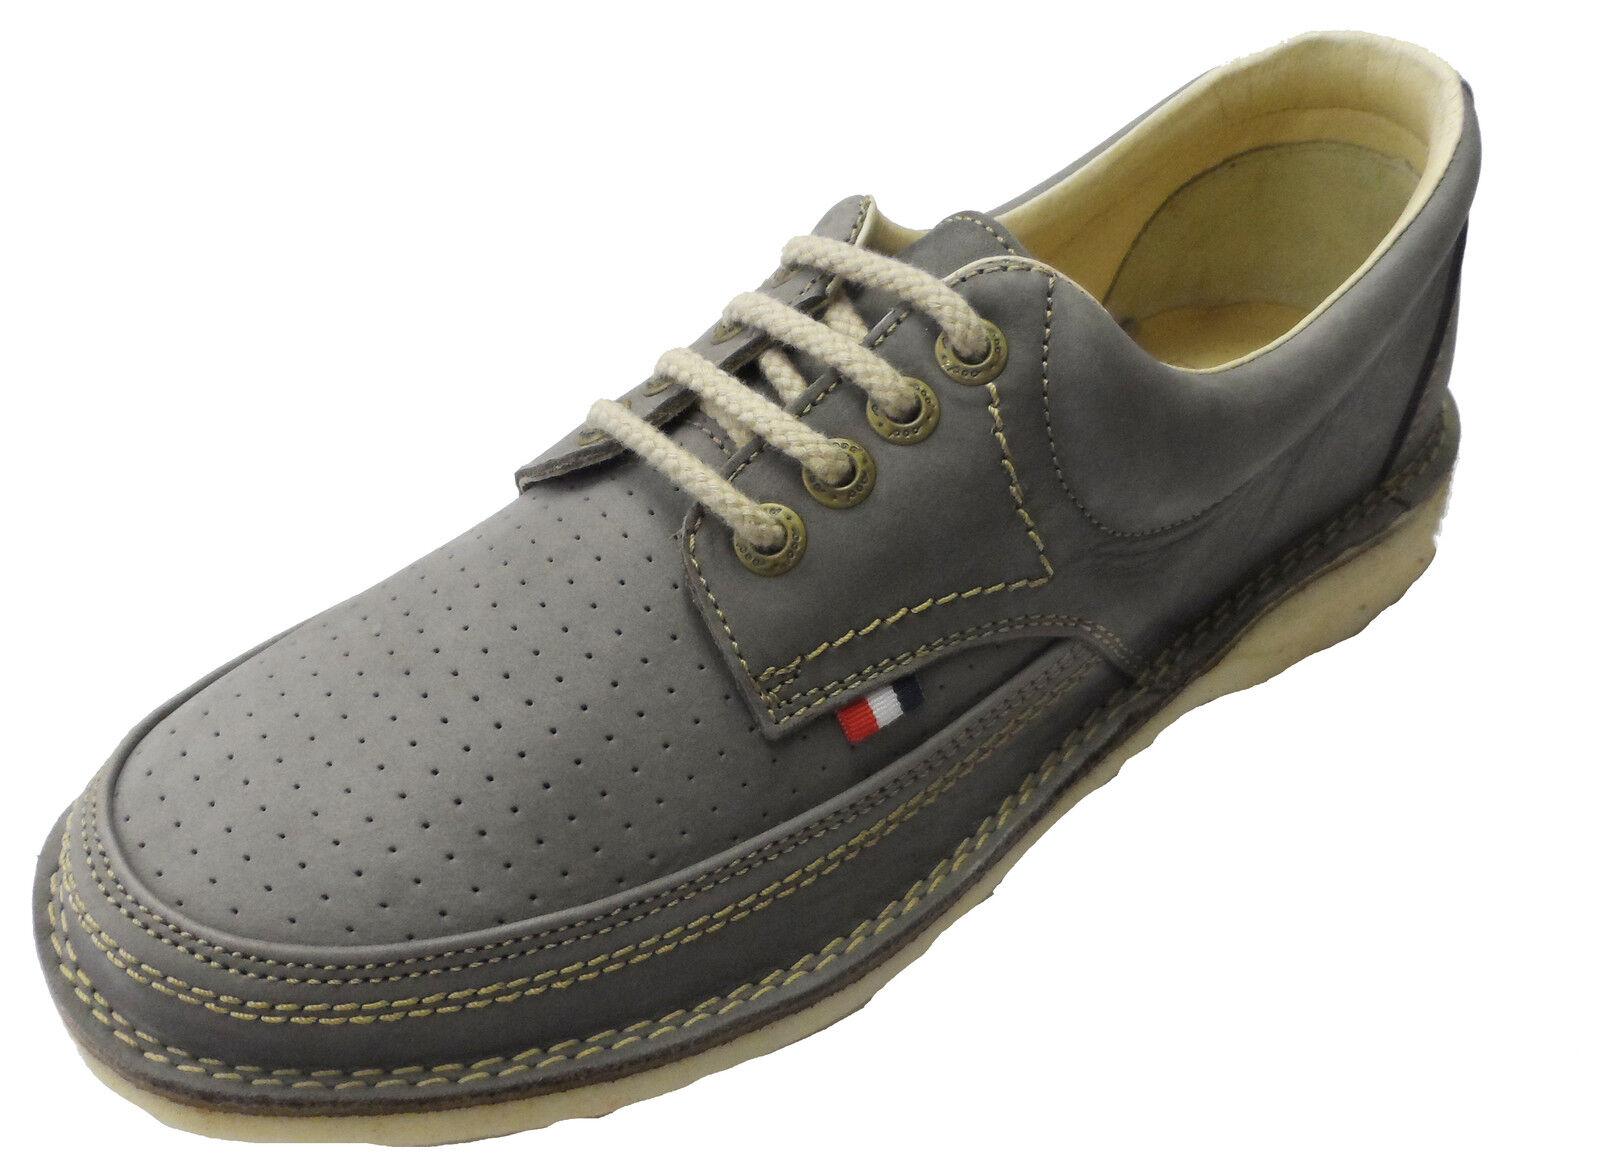 Pod Heritage Grau Gallagher Retro Mod Leder Schuhes